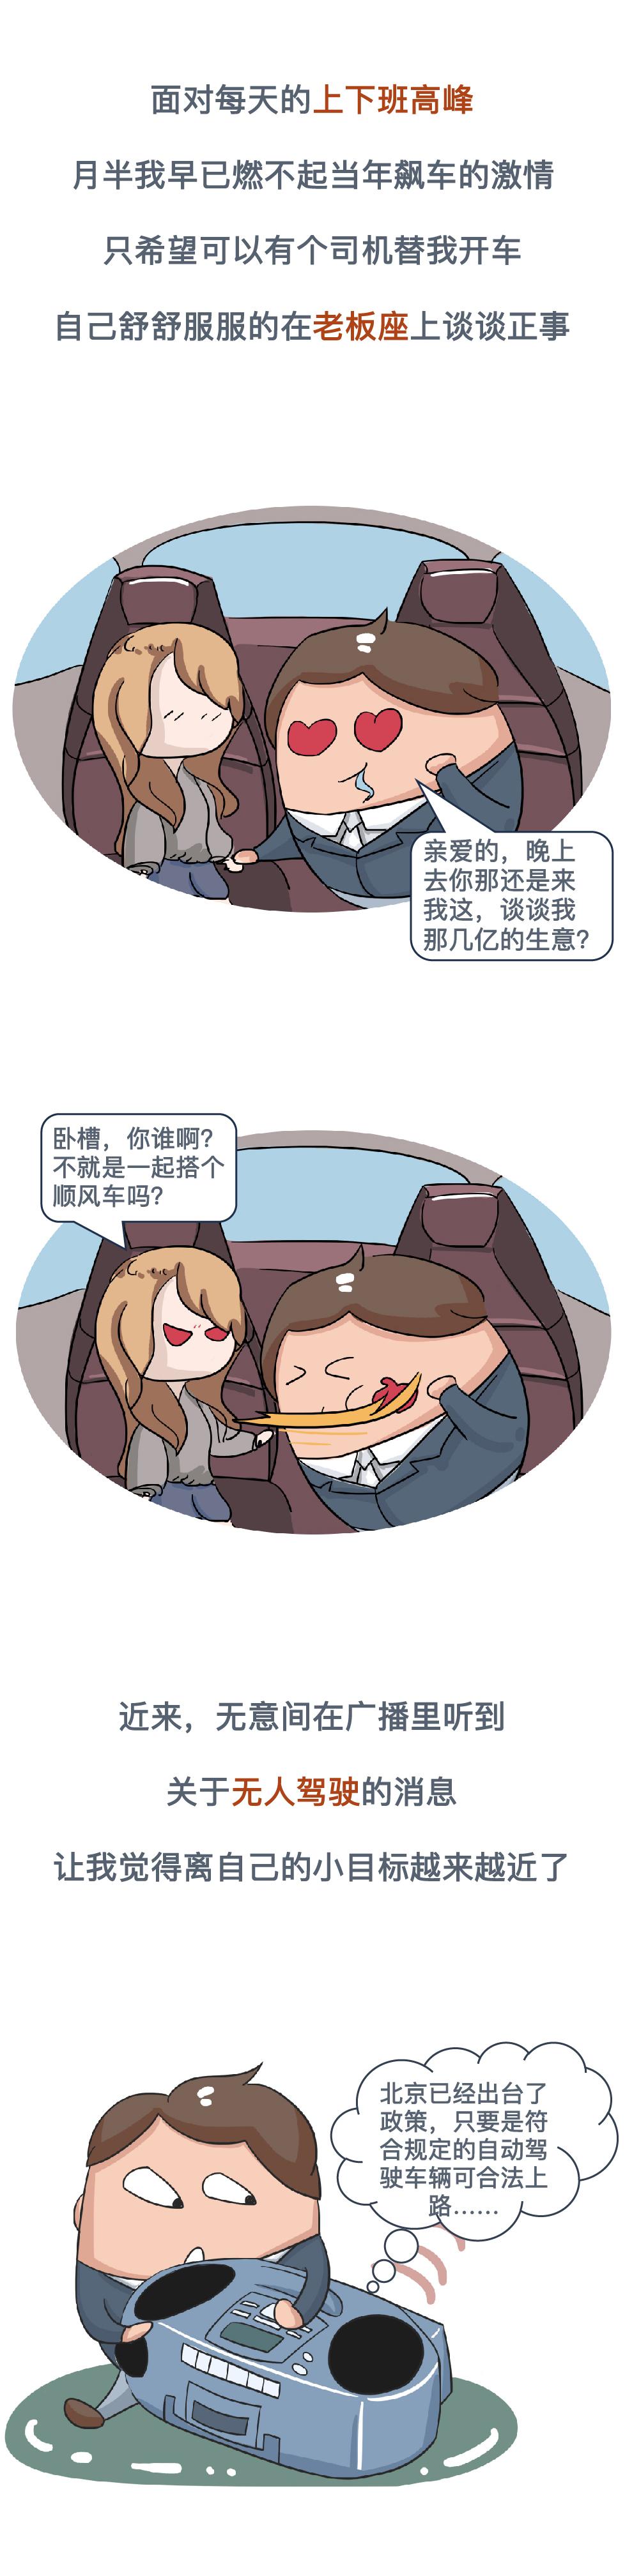 """让贾跃亭破产不敢回国的""""无人驾驶""""究竟有多难?"""